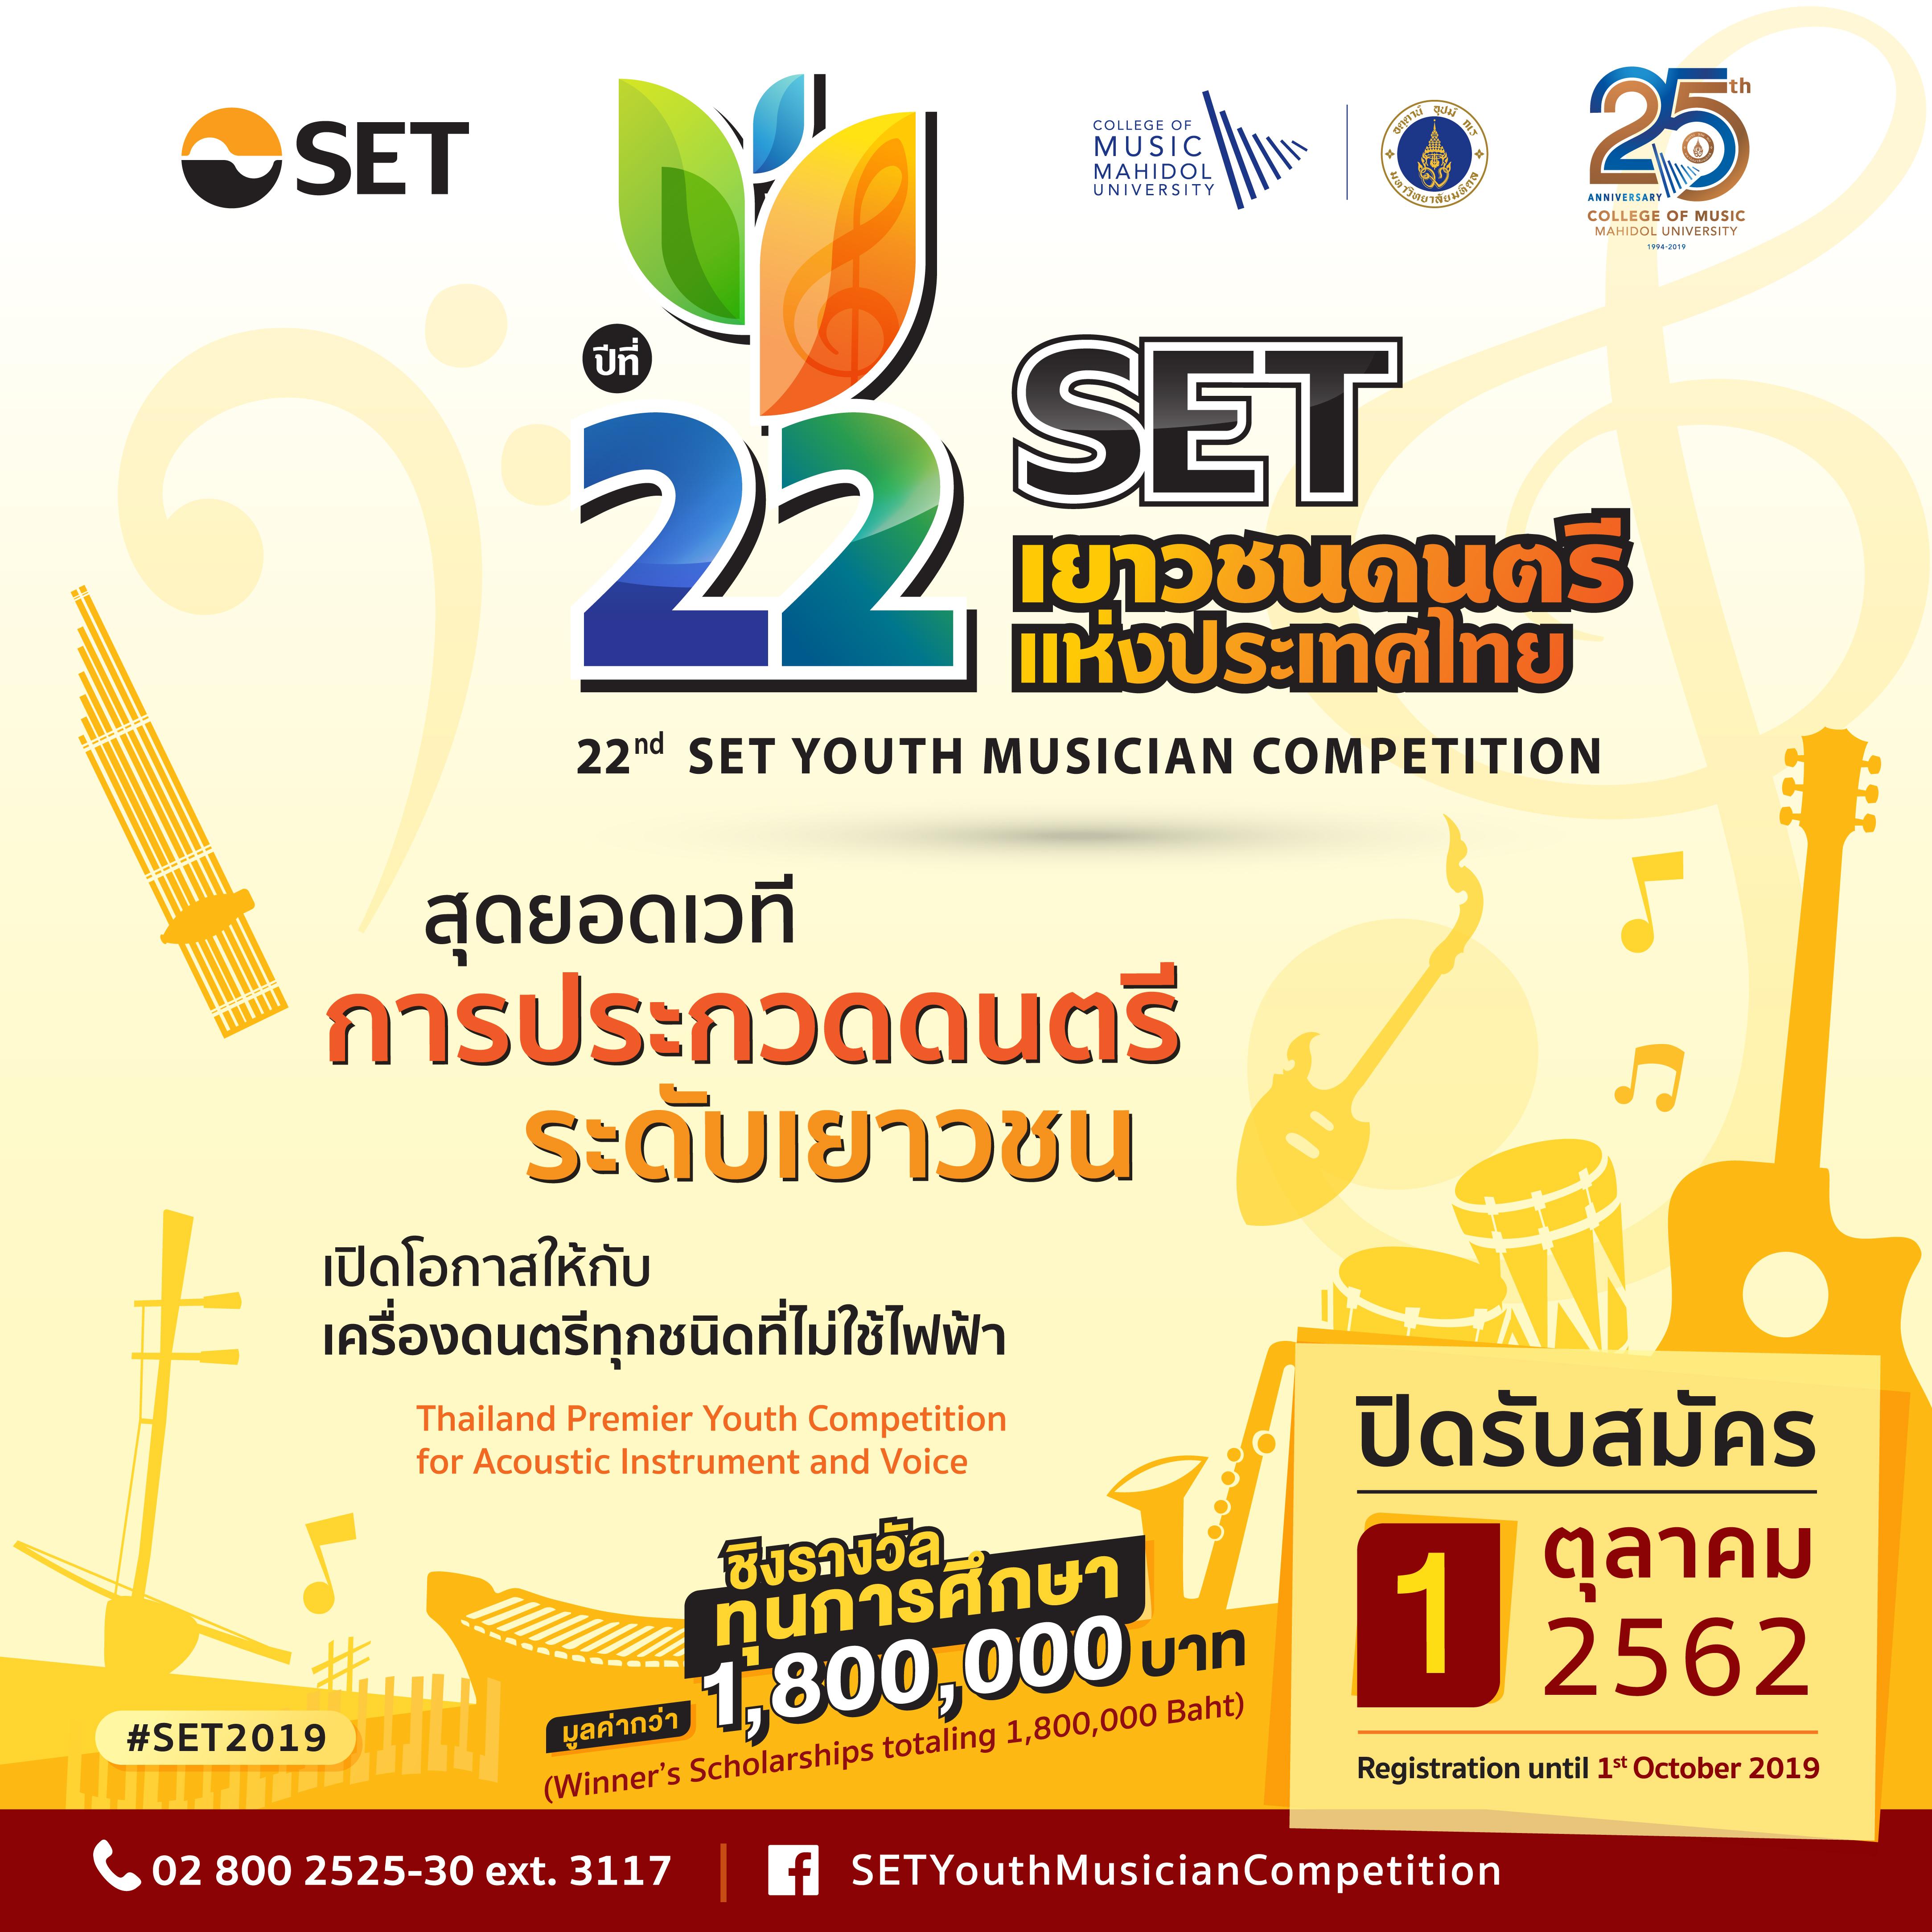 ชวนเยาวชนไทยประกวด SET เยาวชนดนตรีแห่งประเทศไทย ครั้งที่ 22